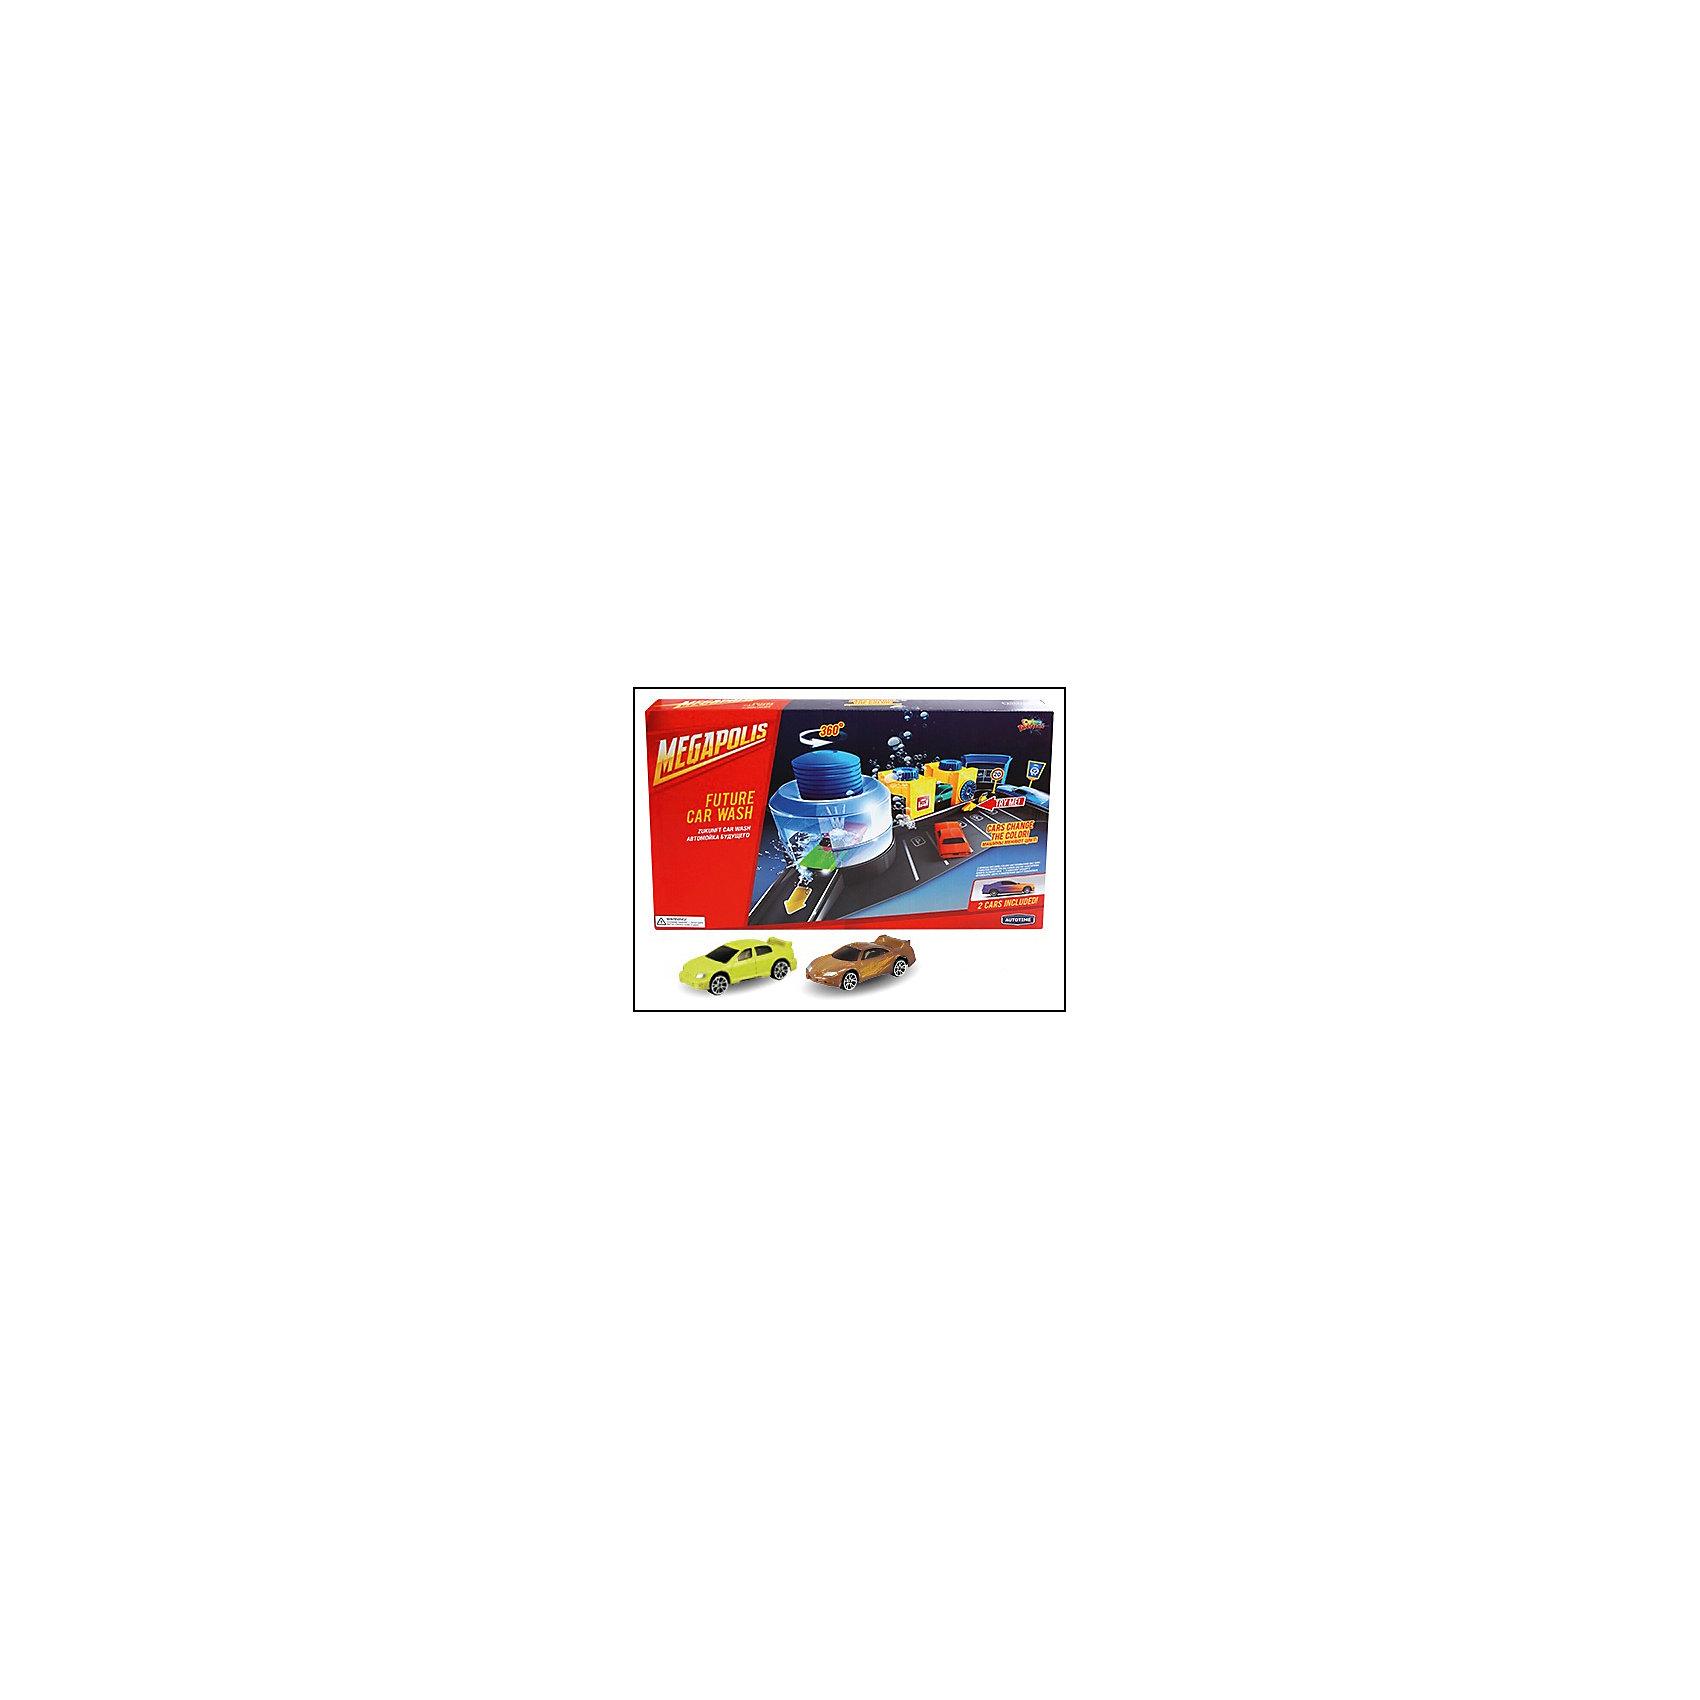 Металлическая машинка Color Twisters Wash-1 с автомойкой, AutotimeМашинки<br>Металлическая машинка Color Twisters Wash-1 с автомойкой, Autotime (Автотайм).<br><br>Характеристики:<br><br>• В наборе: 2 металлические машины, детали для сборки автомойки, наклейки, инструкция<br>• Материал: металл, прочный пластик<br>• Упаковка: картонная коробка<br>• Размер упаковки: 27х42,5х6,2 см.<br><br>Игровой набор Autotime Color Twisters Wash-1 с автомойкой - мечта любого мальчишки! В него входят элементы для сборки автомойки, наклейки для ее стилизации, две металлических машинки светло-коричневого и желтого цветов и схематичная инструкция по сборке автомойки. Автомойка оснащена поднимающимся шлагбаумом, несколькими маленькими отсеками для чистки машин и большим отсеком для водного тюнинга, в который помещается машинка. Сверху большого отсека расположен небольшой бак, который необходимо заполнить водой. При нажатии на него вода начинает выливаться на машинку. Корпус машинок, выполненный из металла, меняет цвет при контакте с холодной водой. Чем холоднее вода, тем интенсивней окрашивание. Изначальный цвет постепенно возвращается при комнатной температуре. Если же ребенок хочет, чтобы цвет вернулся немедленно, достаточно поместить машину в горячую воду. Машинка может частично менять цвет при попадании воды не на весь корпус. Ваш ребенок будет в восторге от такого подарка и проведет много увлекательных часов, играя с этим набором!<br><br>Металлическую машинку Color Twisters Wash-1 с автомойкой, Autotime (Автотайм) можно купить в нашем интернет-магазине.<br><br>Ширина мм: 350<br>Глубина мм: 120<br>Высота мм: 158<br>Вес г: 761<br>Возраст от месяцев: 36<br>Возраст до месяцев: 2147483647<br>Пол: Мужской<br>Возраст: Детский<br>SKU: 5583857